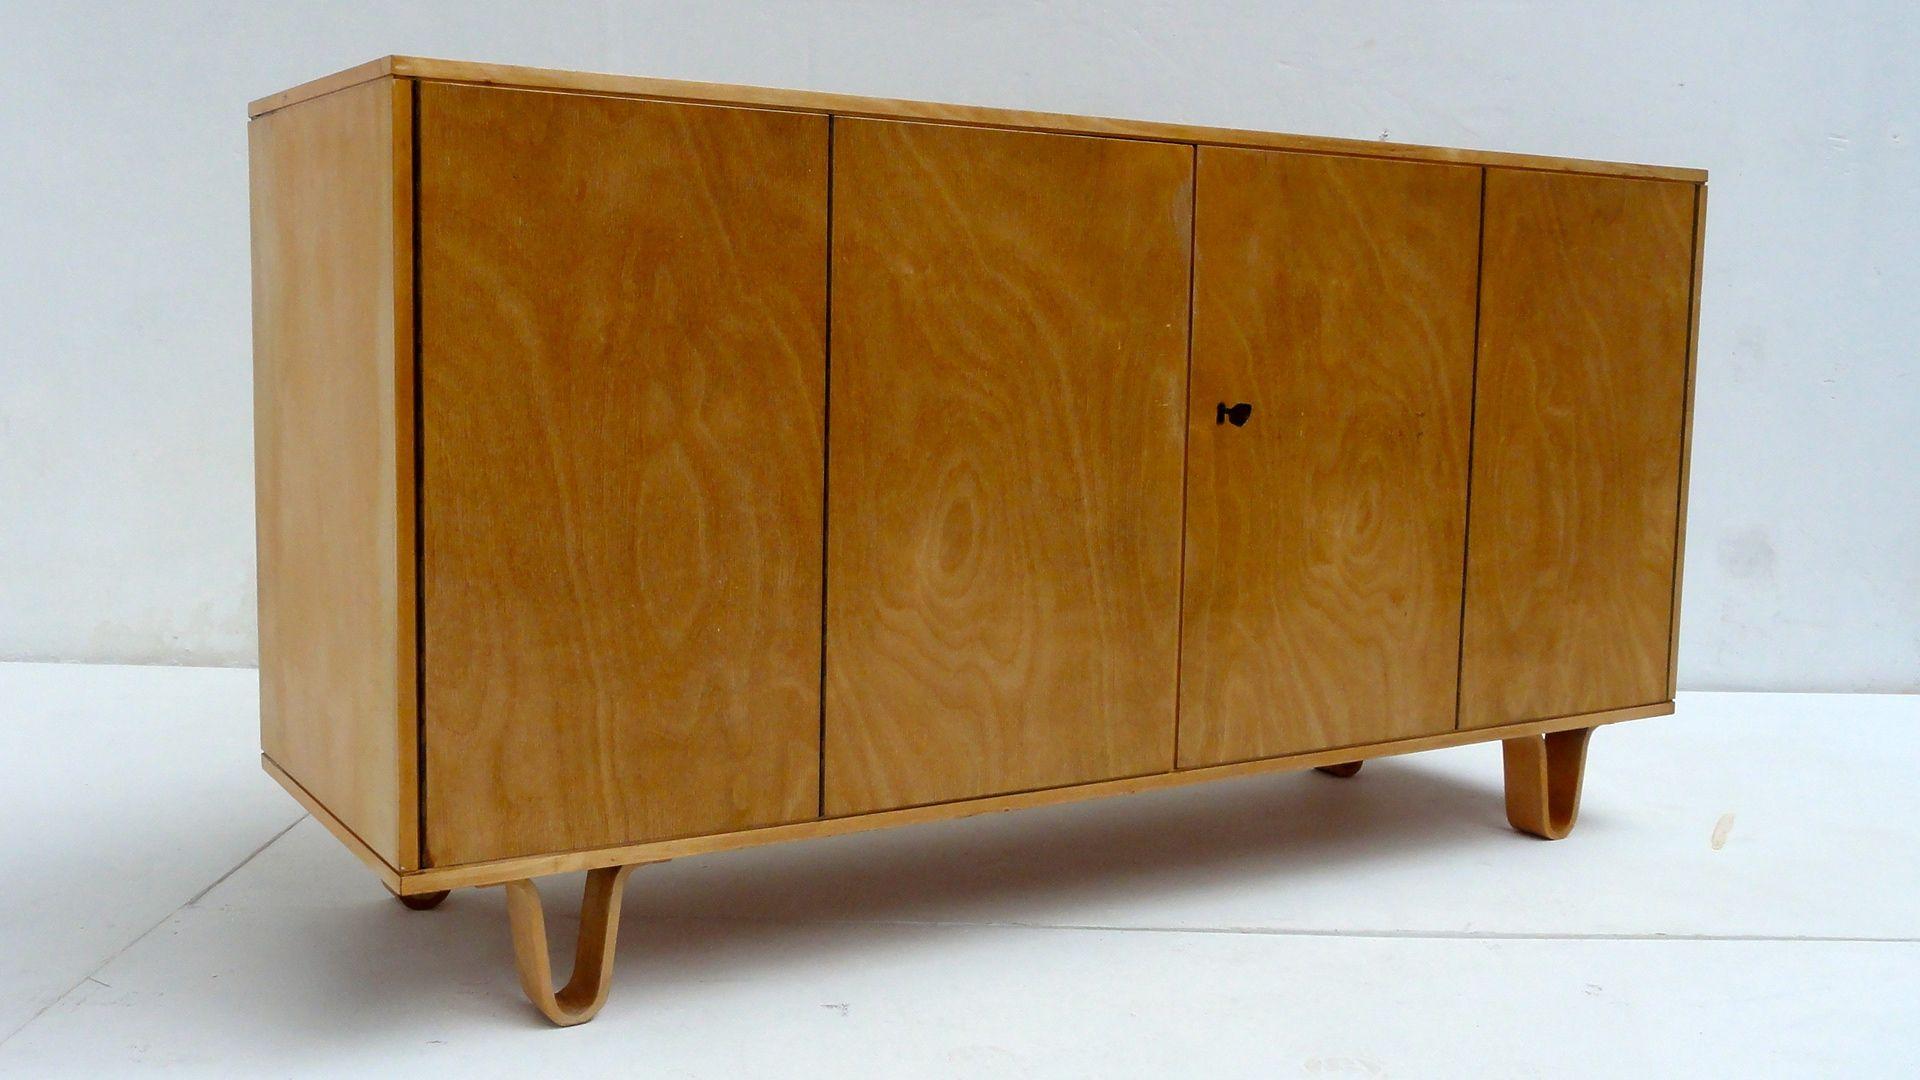 DB02 Combex Sideboard von Cees Braakman für UMS Pastoe, 1955